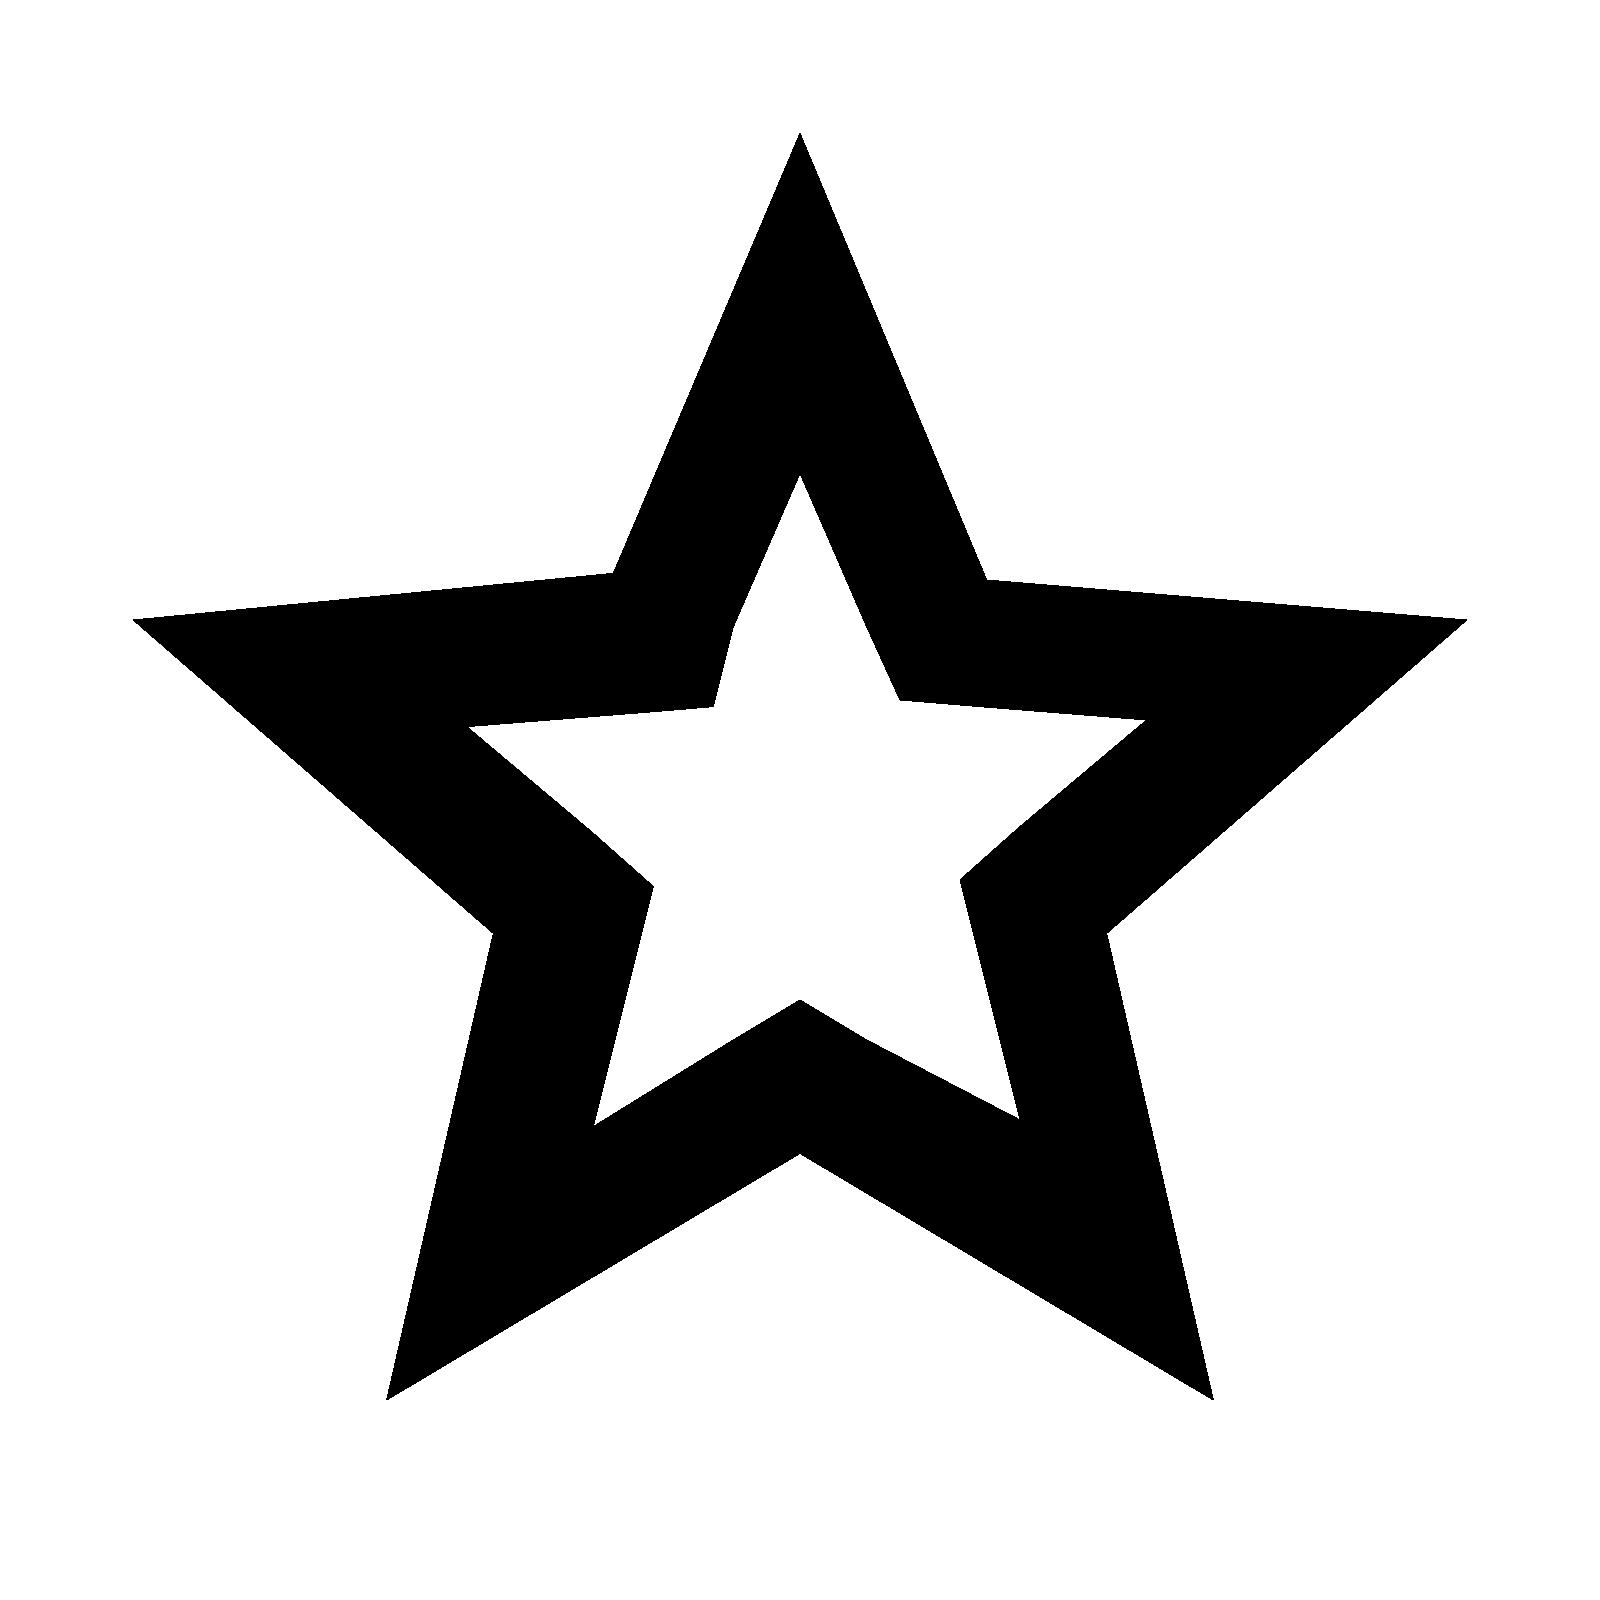 Black Star Png Image Black Star Transparent Background Png Icons